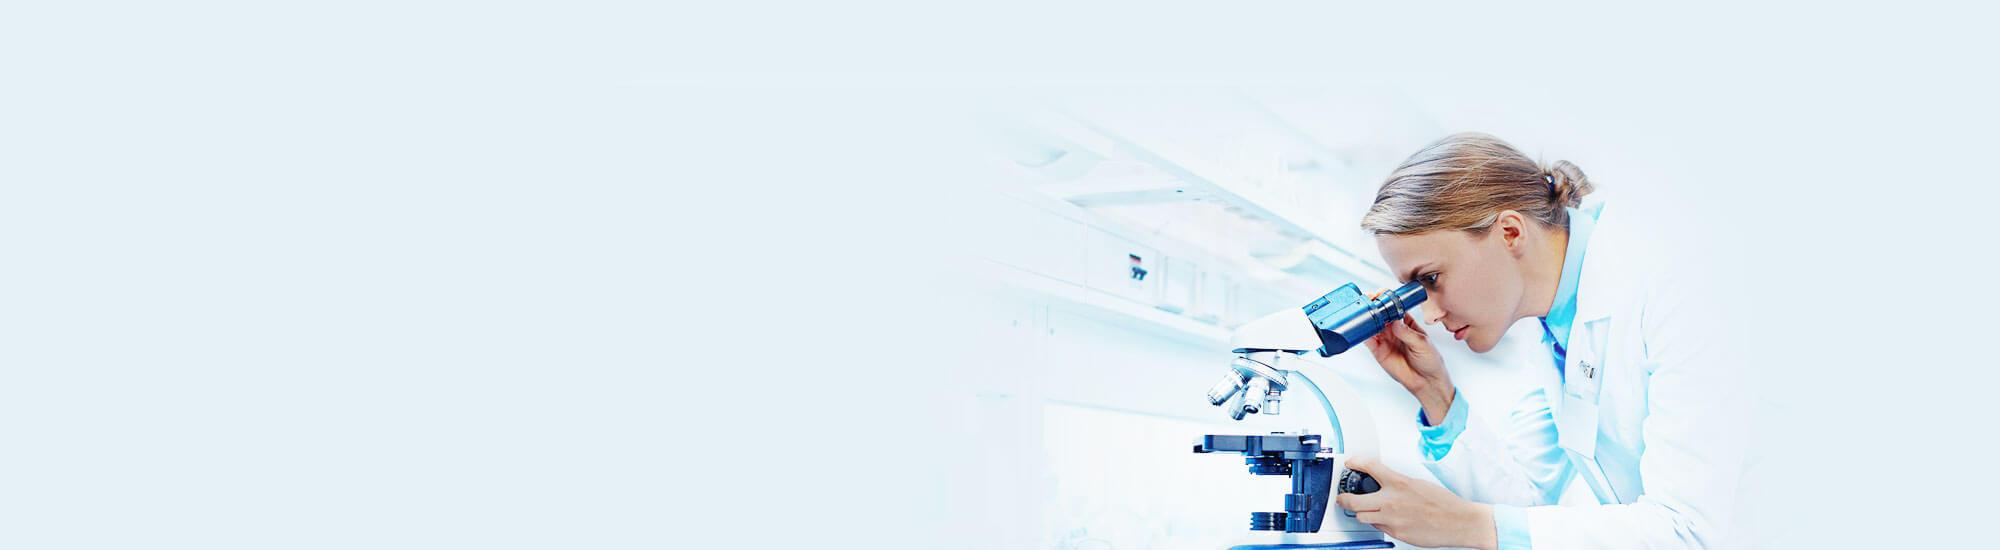 Cytotoksyczne testy nietolerancji pokarmowej wypierają z obiegu testy IgG, ze względu na swoją większa przydatność we wdrażaniu diety eliminacyjnej. Dietetyk i lekarz, dzięki testom badającym opóźnione alergie pokarmowe , uzyskują bezcenną informację. Dzięki tym nowoczesnym, cytotoksycznym testom alergicznym, dowiesz się co Ci szkodzi, a co możesz jeść bezpiecznie.